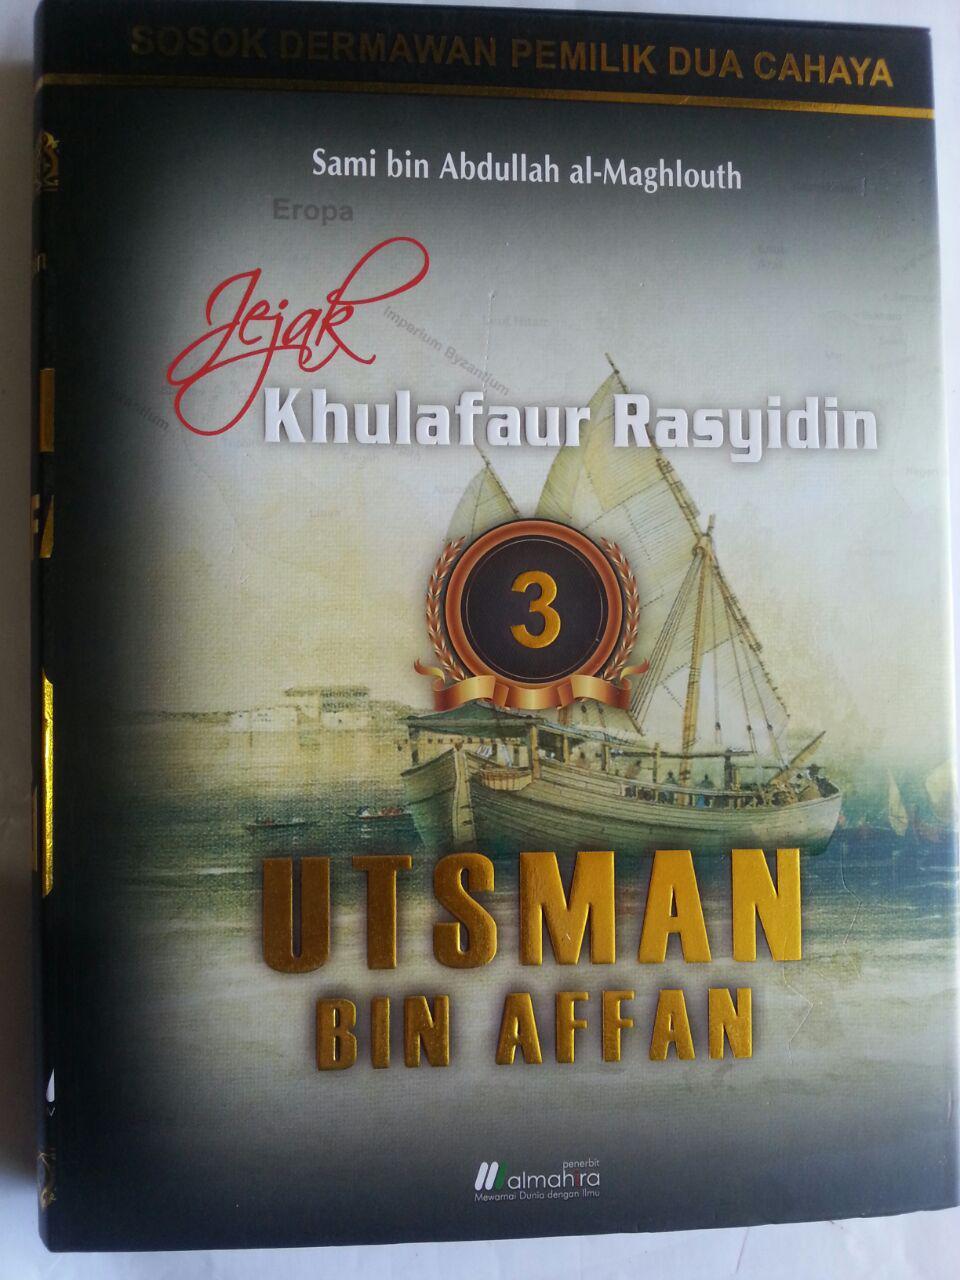 Buku Jejak Khulafaur Rasyidin Utsman bin Affan cover 2